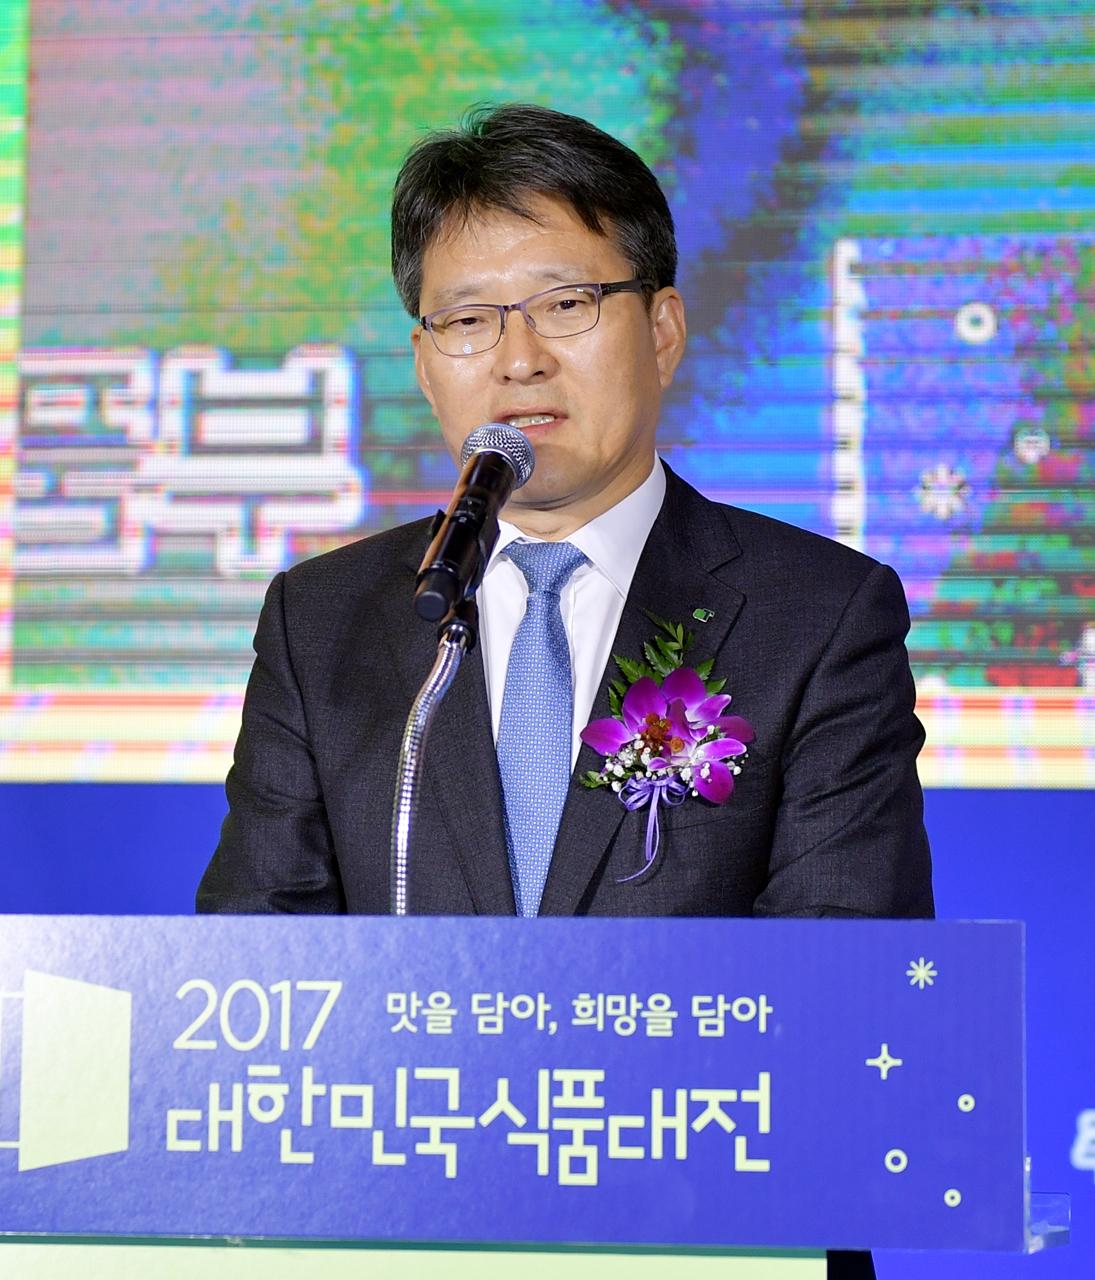 대한민국식품대전 여인홍 at 사장